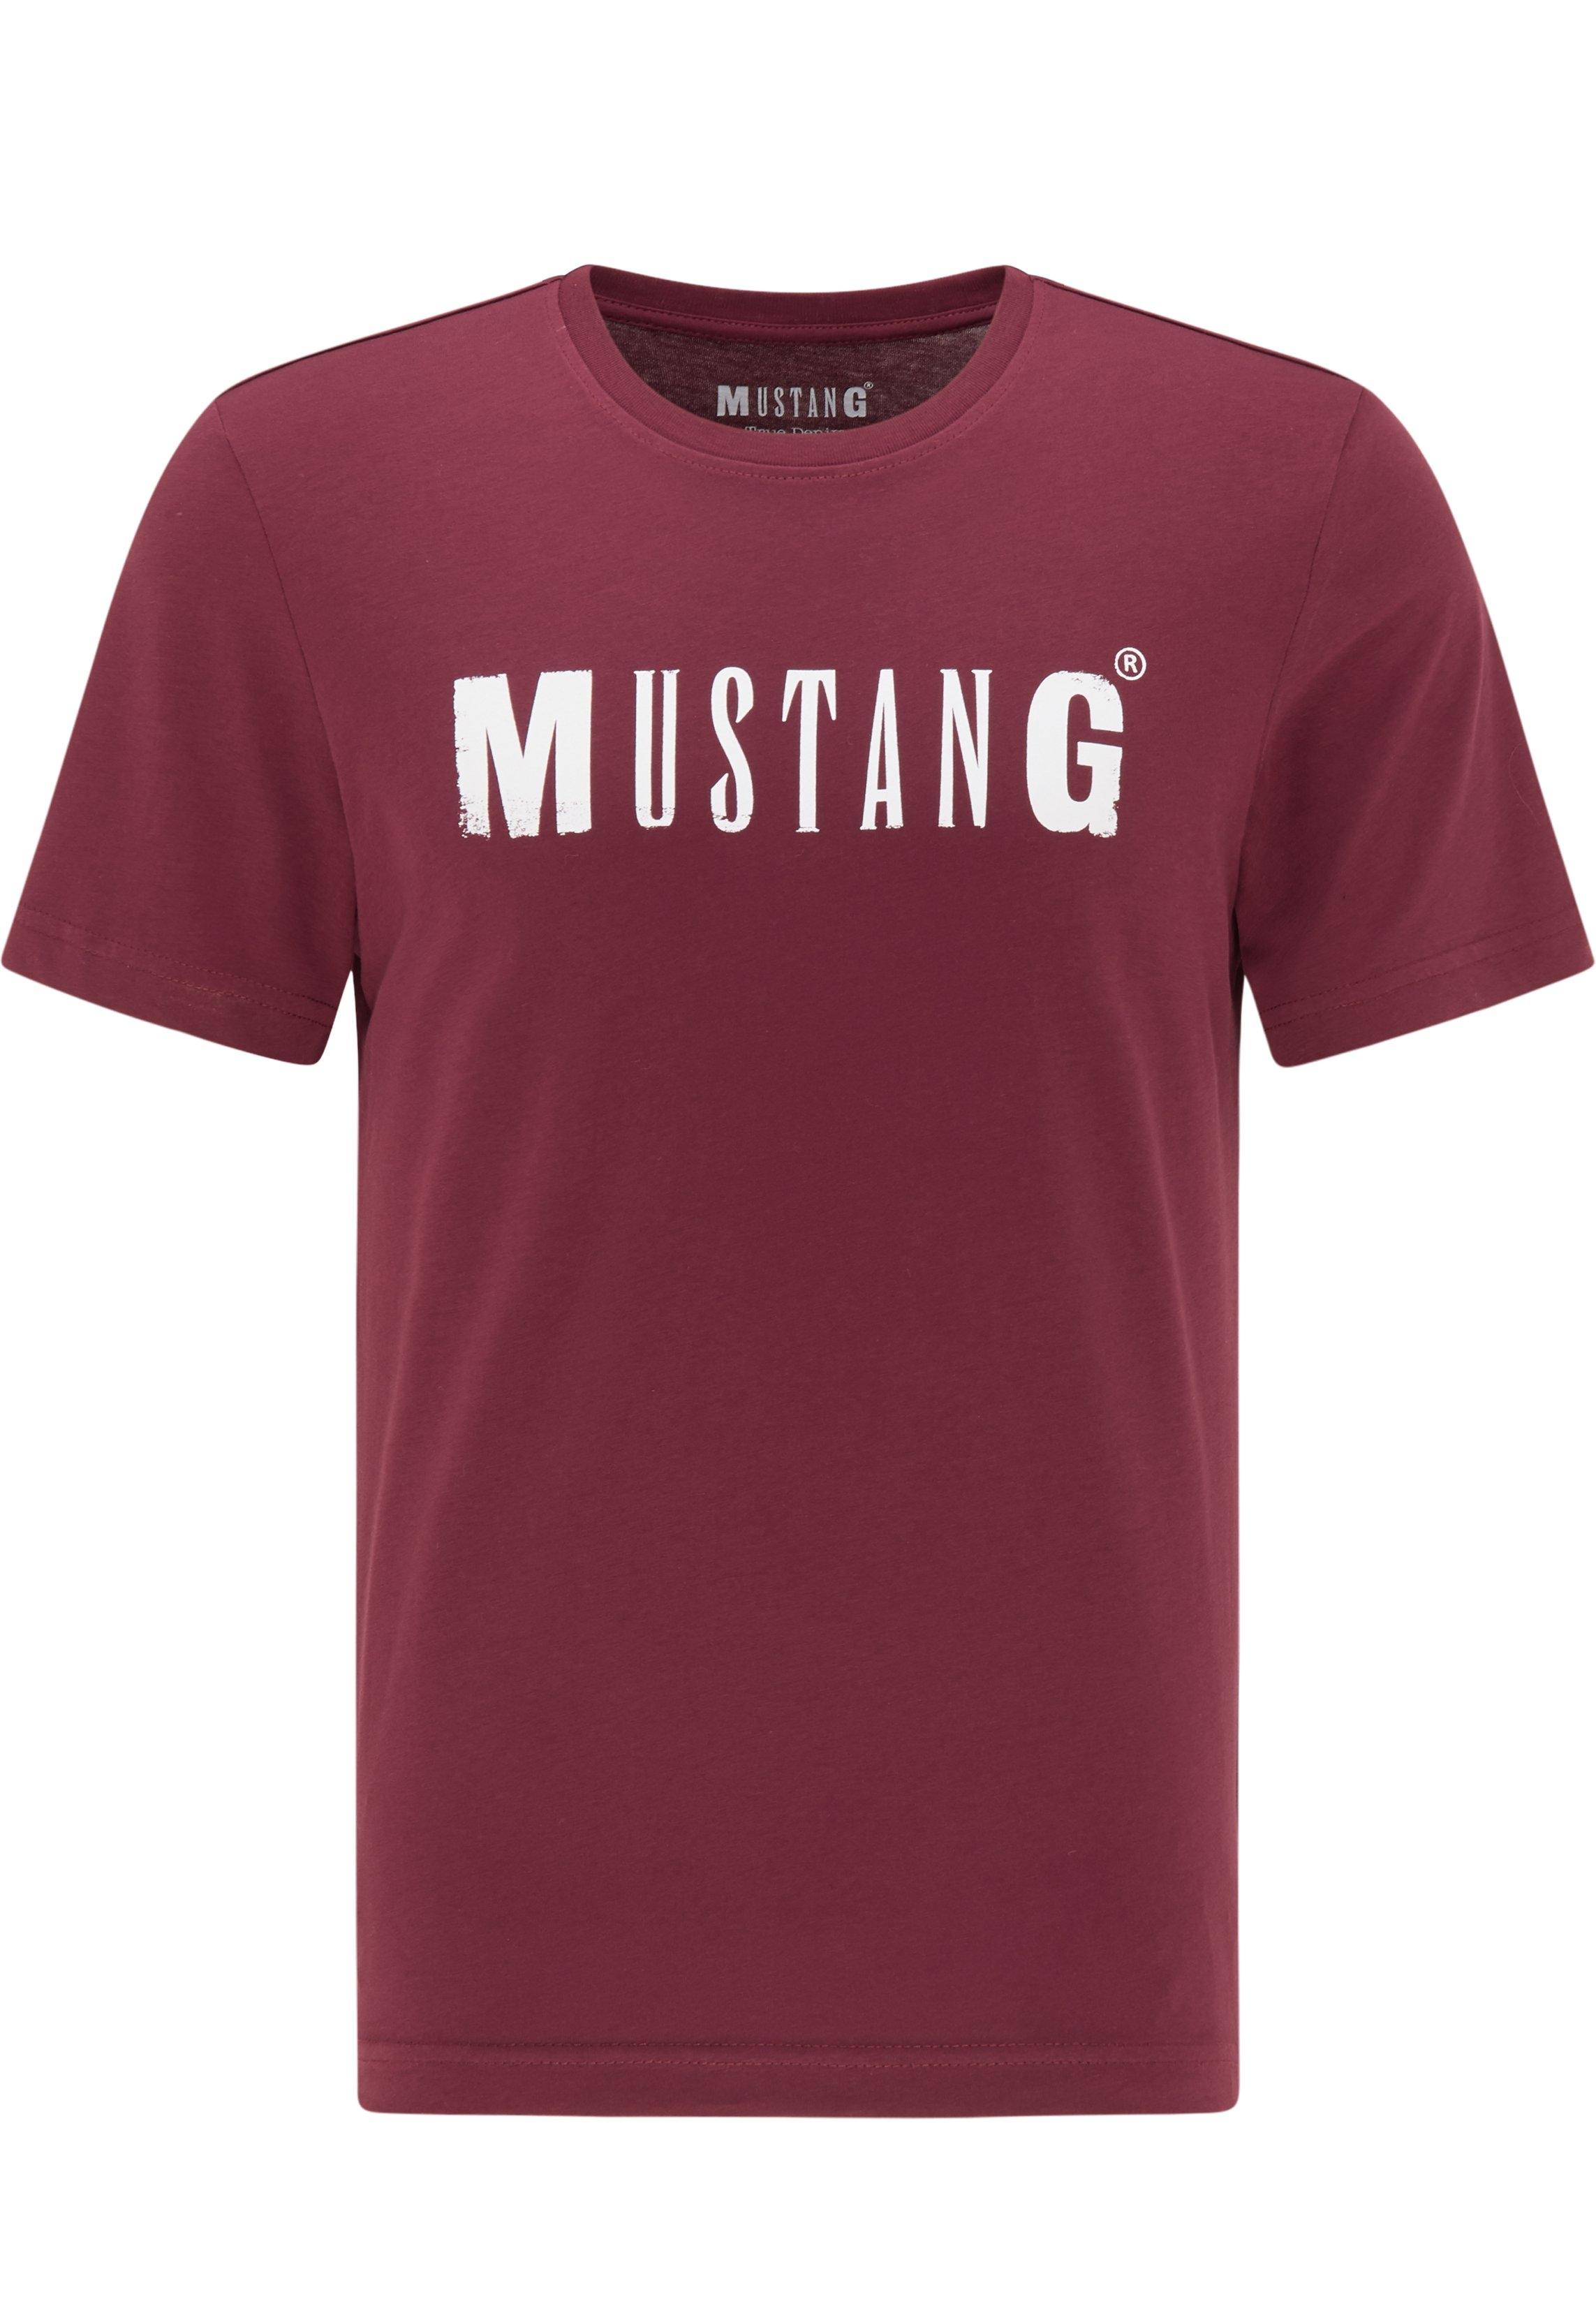 MUSTANG T-shirt Logo Tee nu online kopen bij OTTO